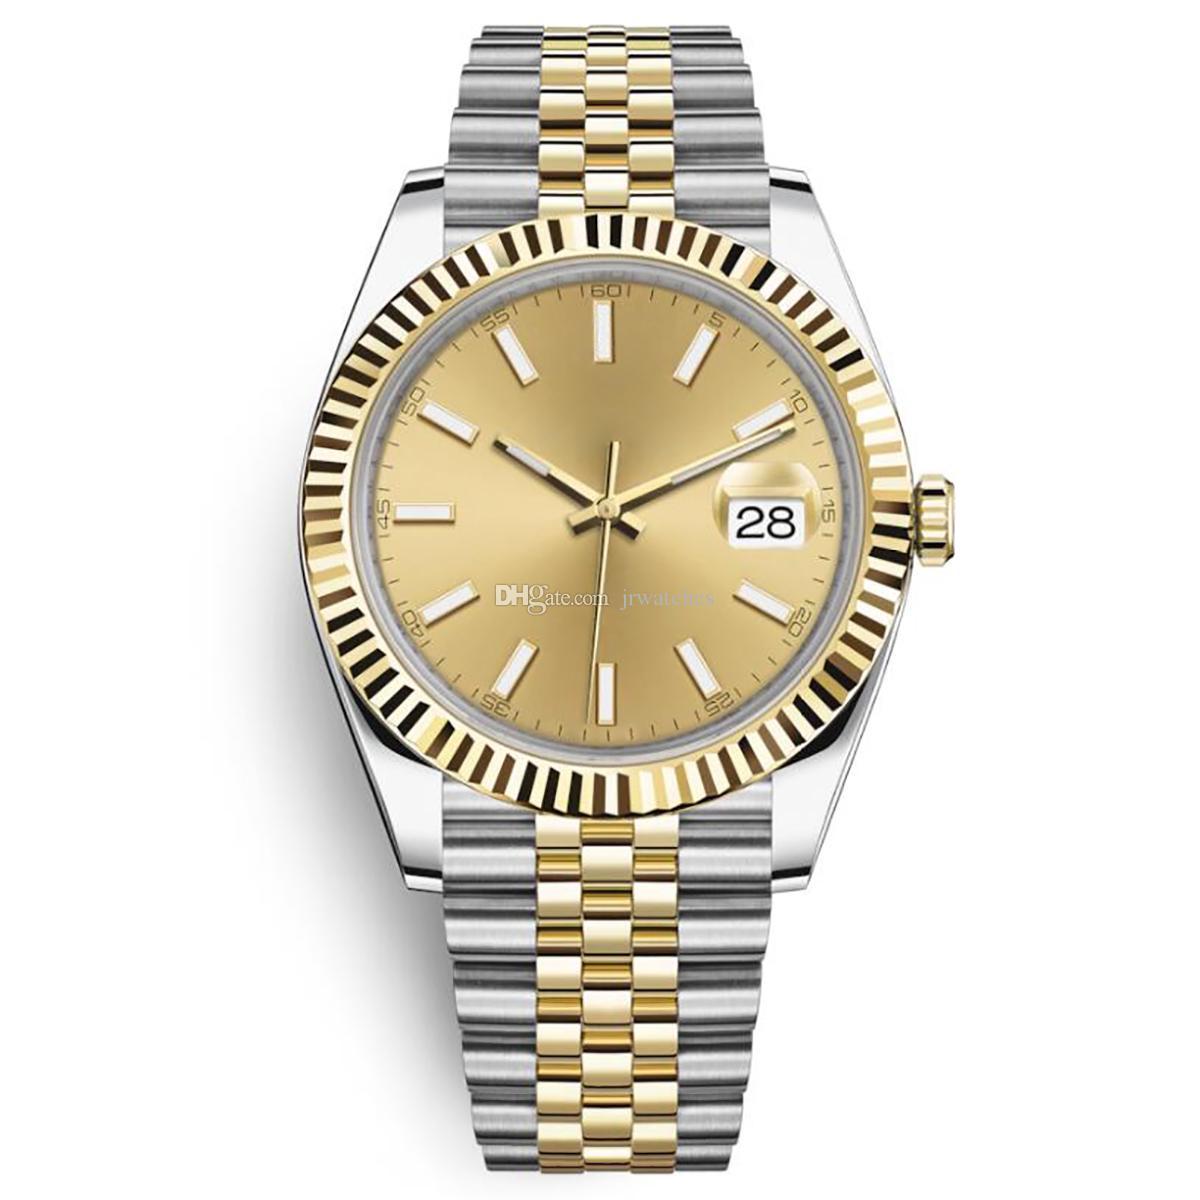 Мужчины смотреть 41мм высокое качество сапфира часы автоматические механические дата деловых людей светящихся 316L из нержавеющей стали Водонепроницаемые часы для дайвинга